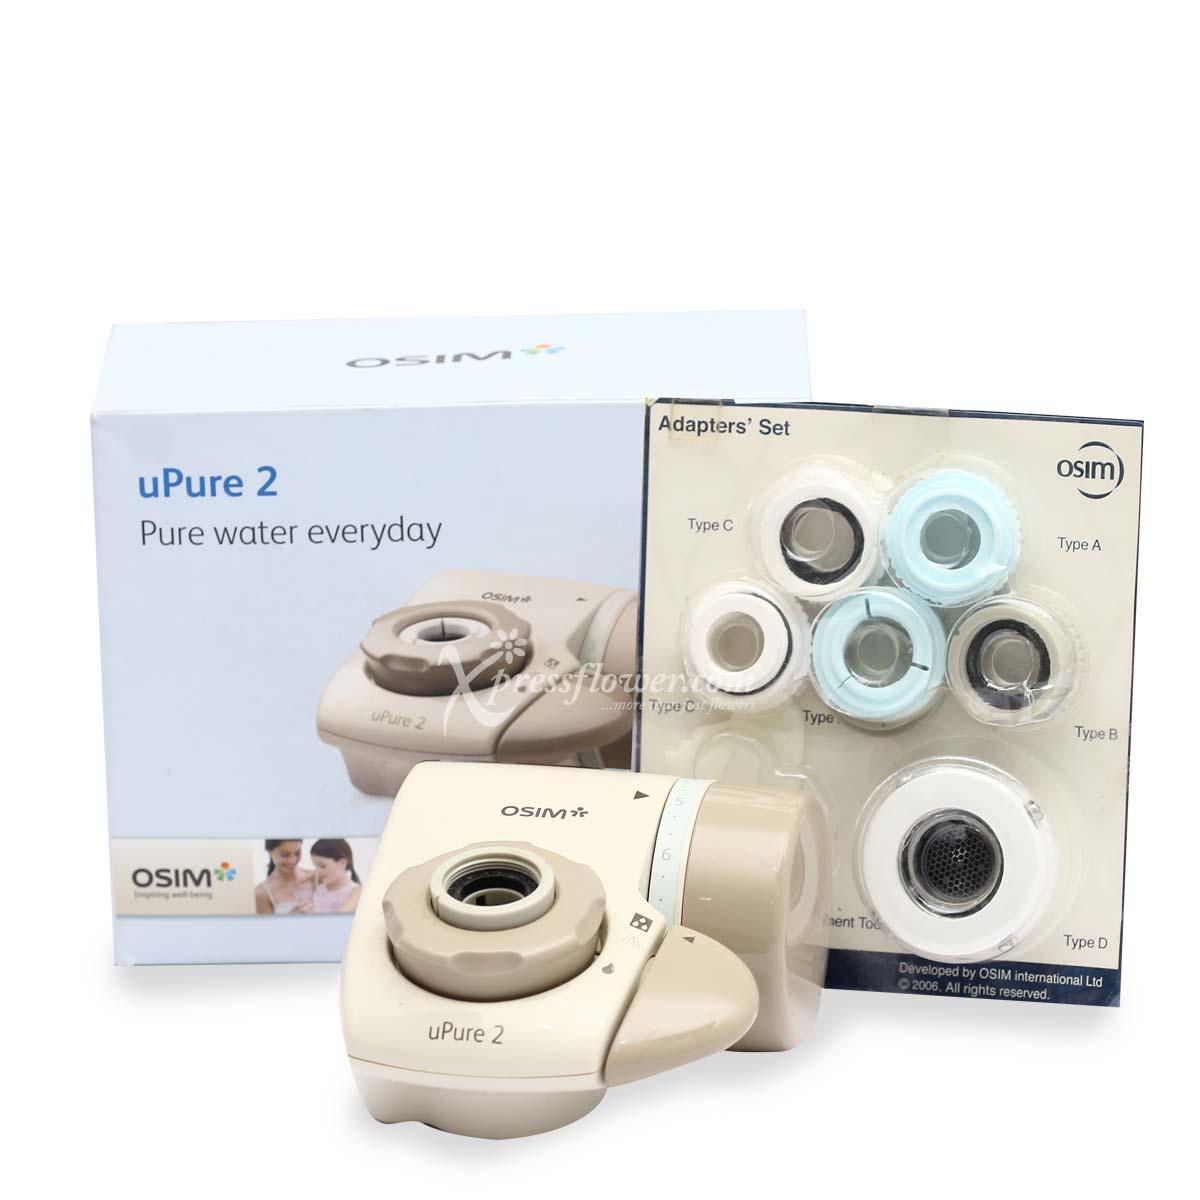 OS1811 OSIM uPure 2 Water Purifier